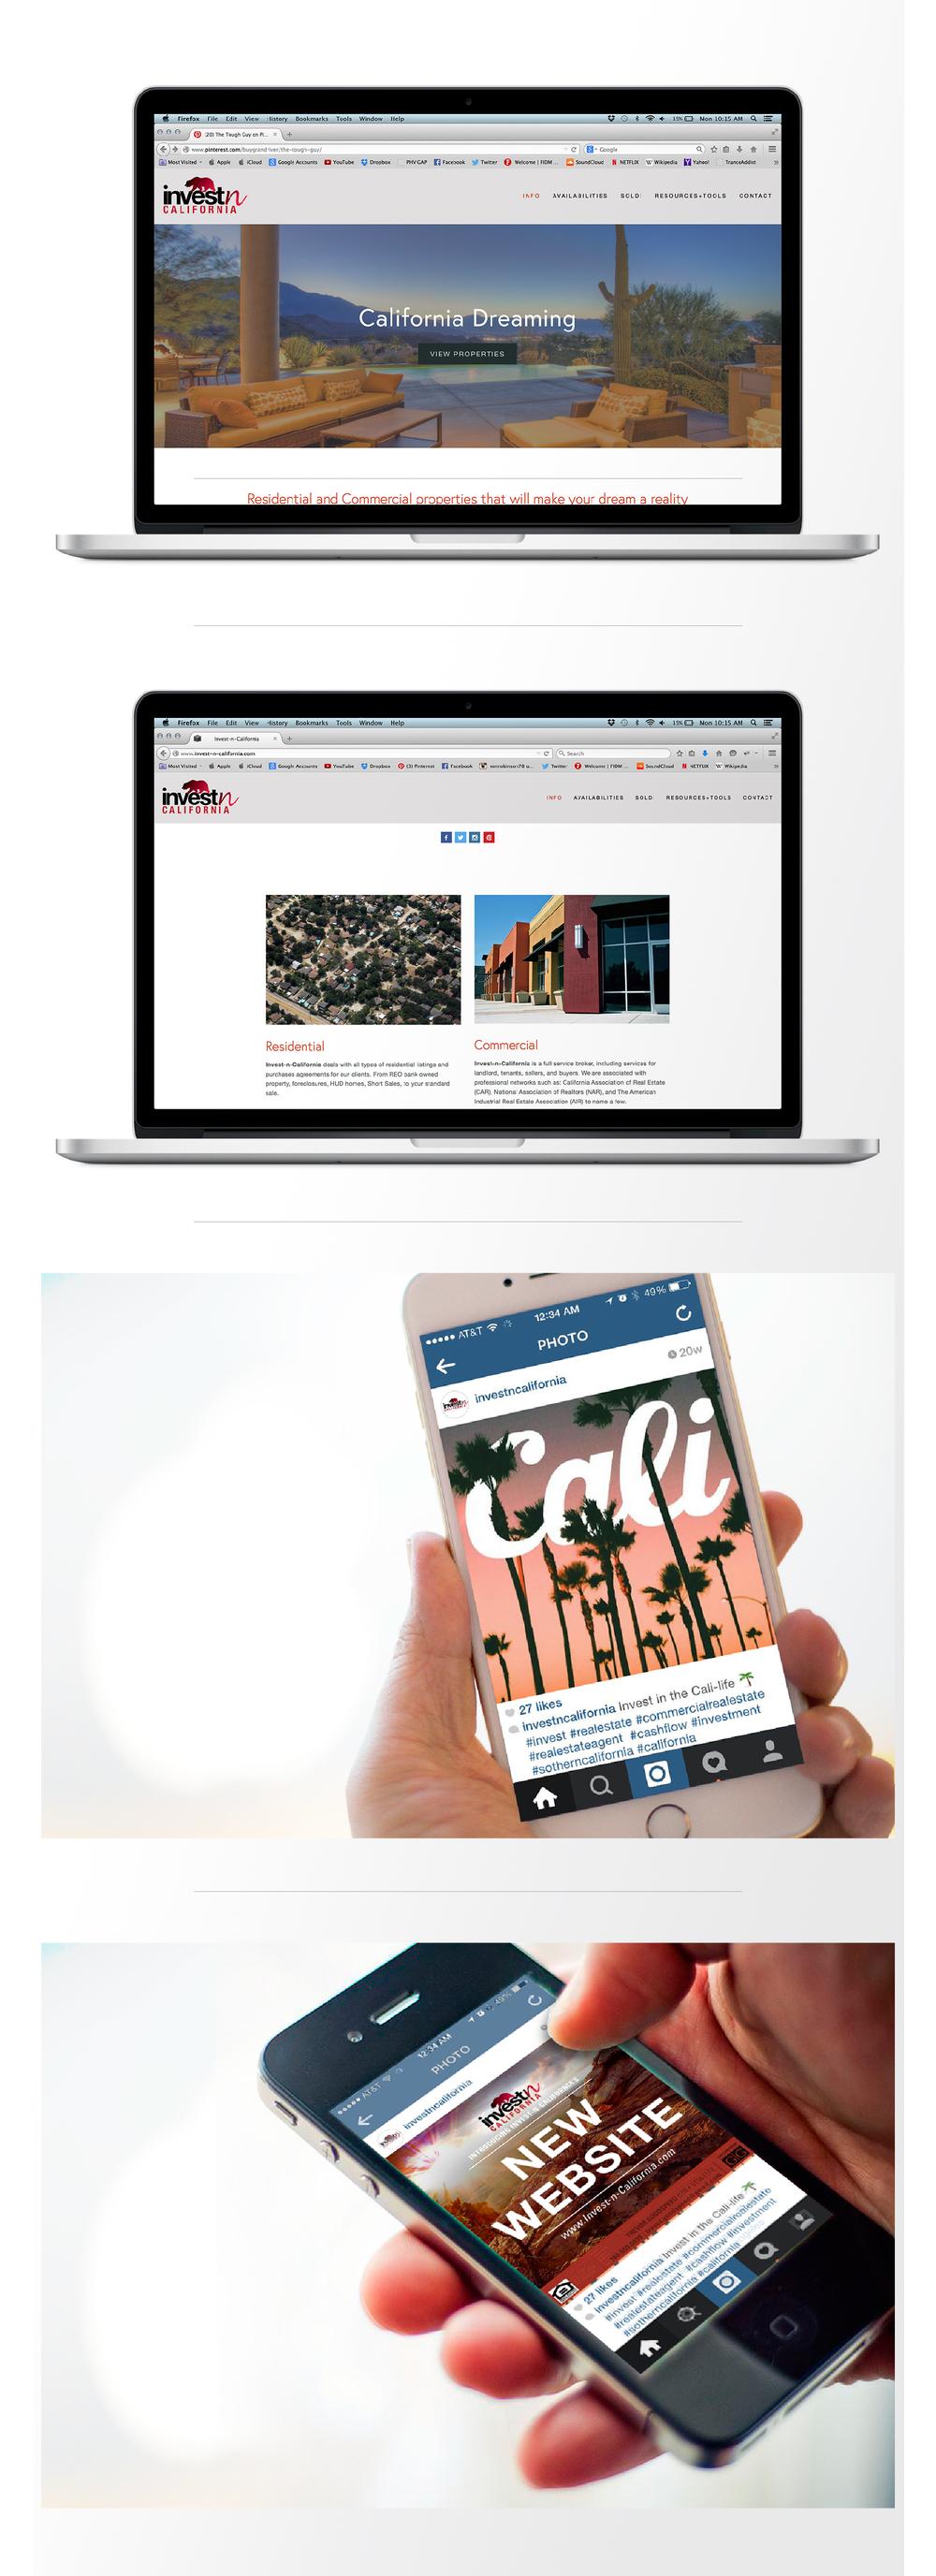 Invest-n-Cali-Social Media Pg1.jpg